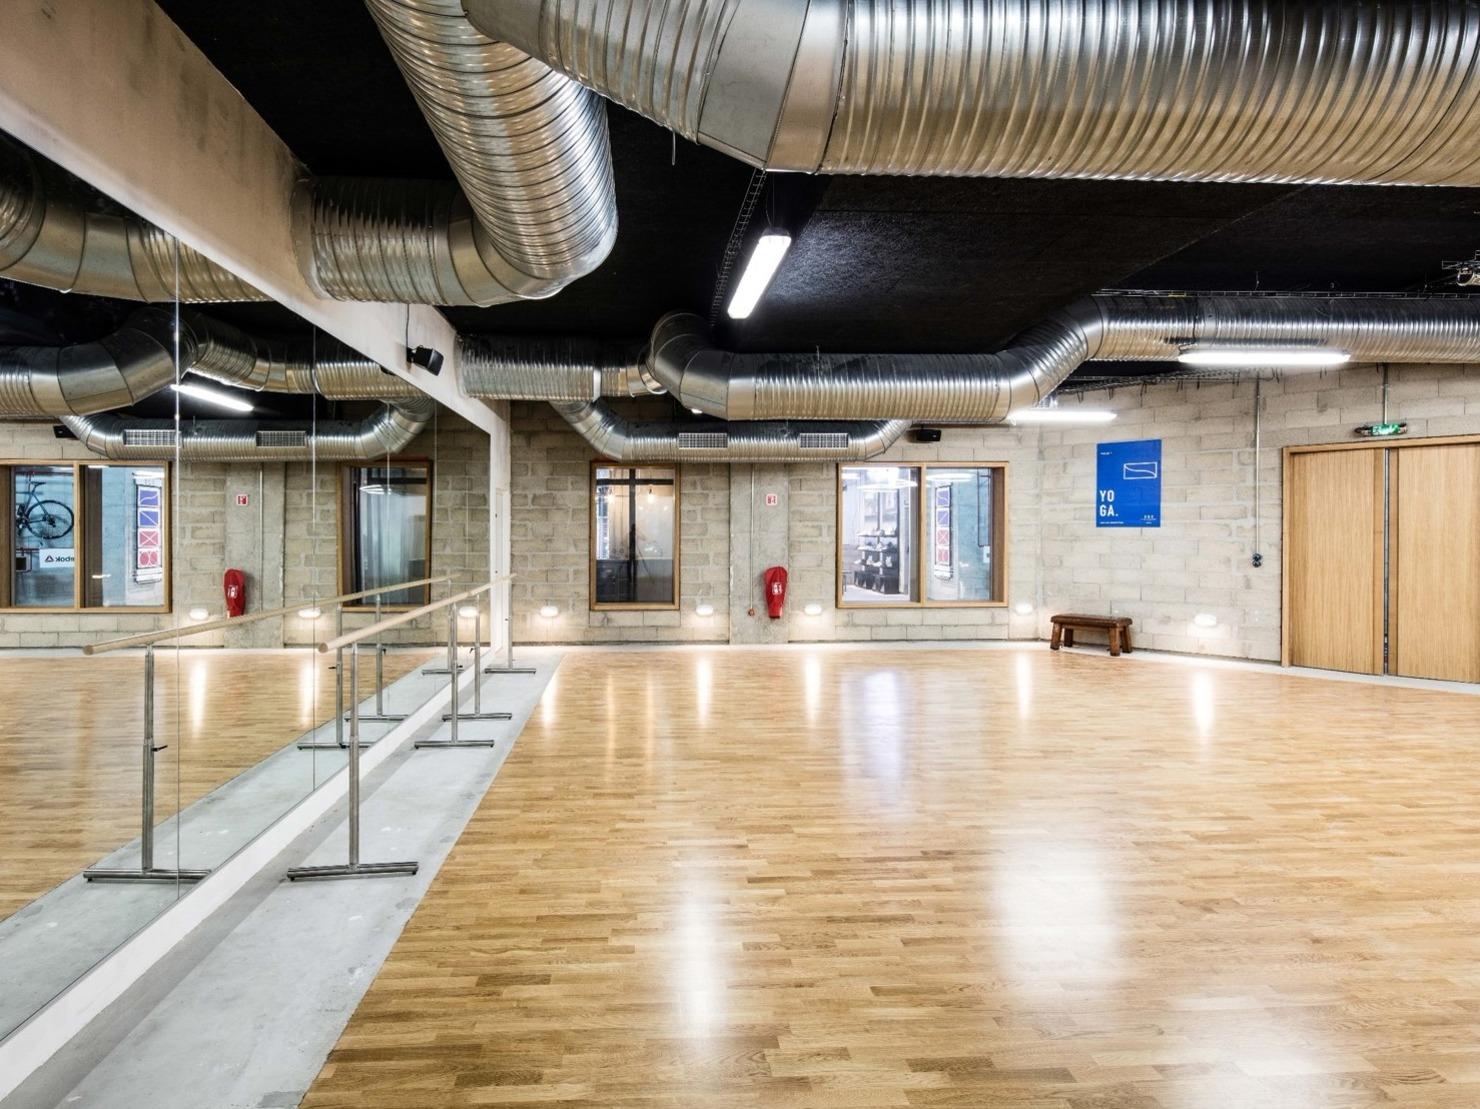 La Salle De Sport A Paris Tarifs Avis Horaires Offre Decouverte